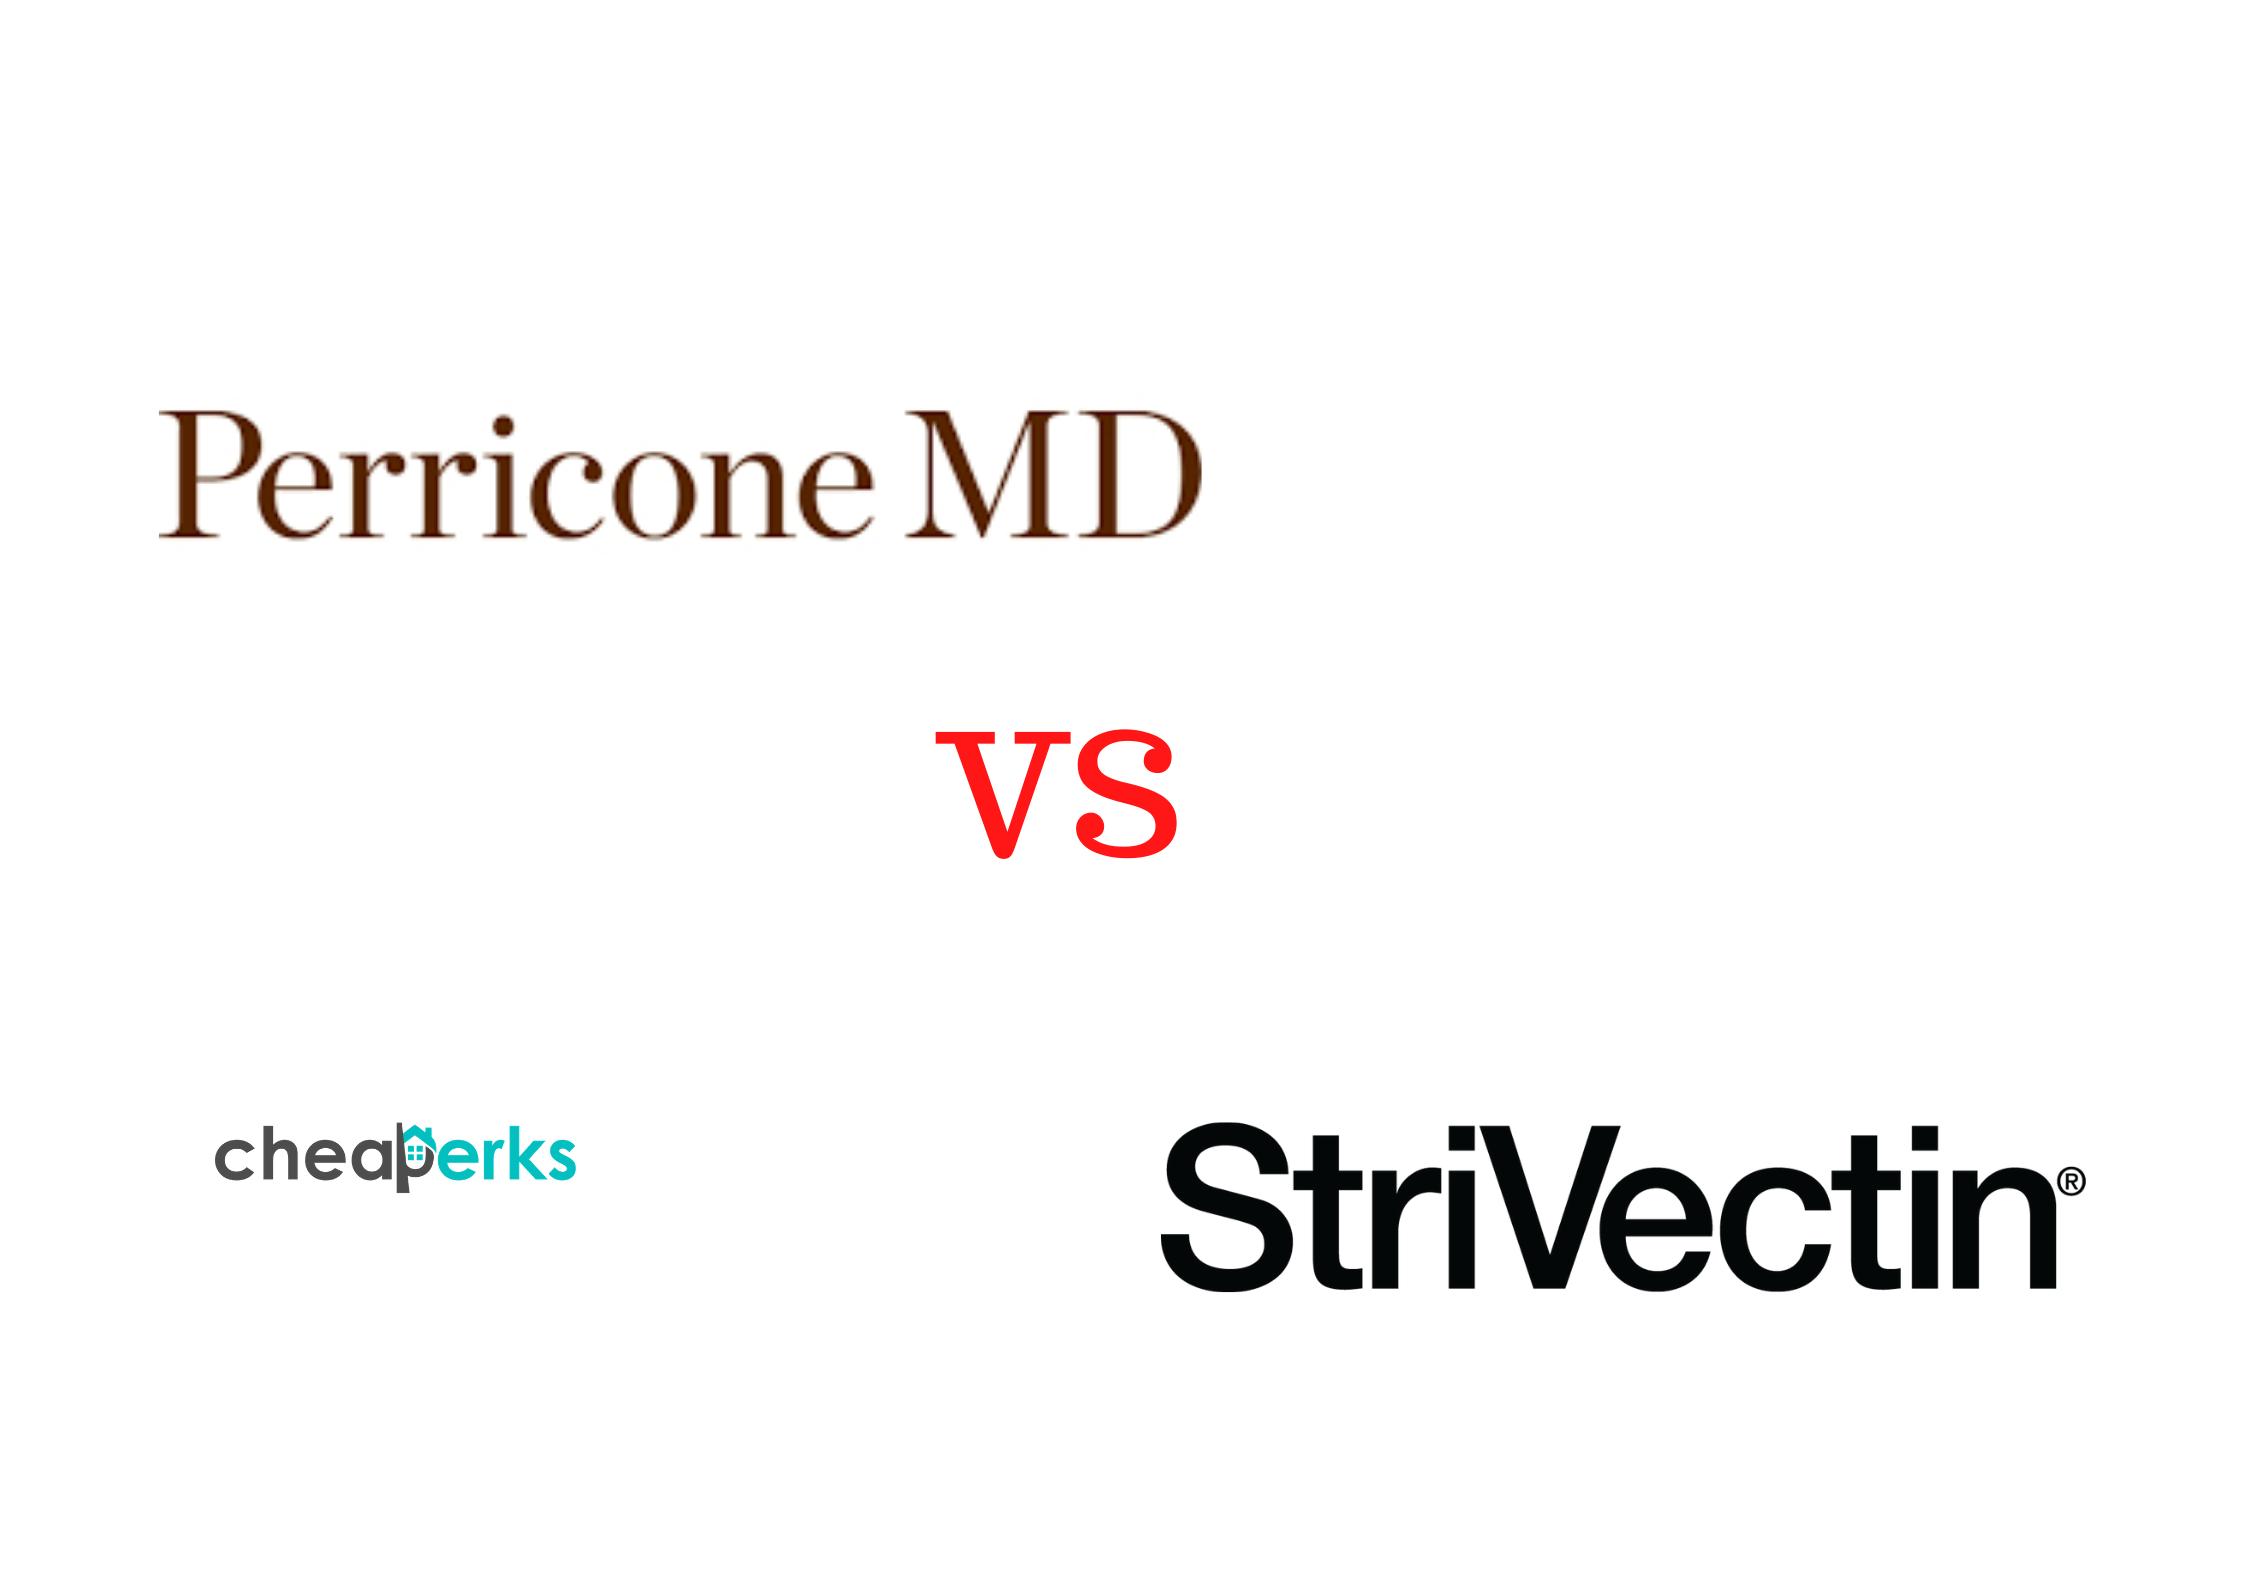 Perricone MD VS Strivectin